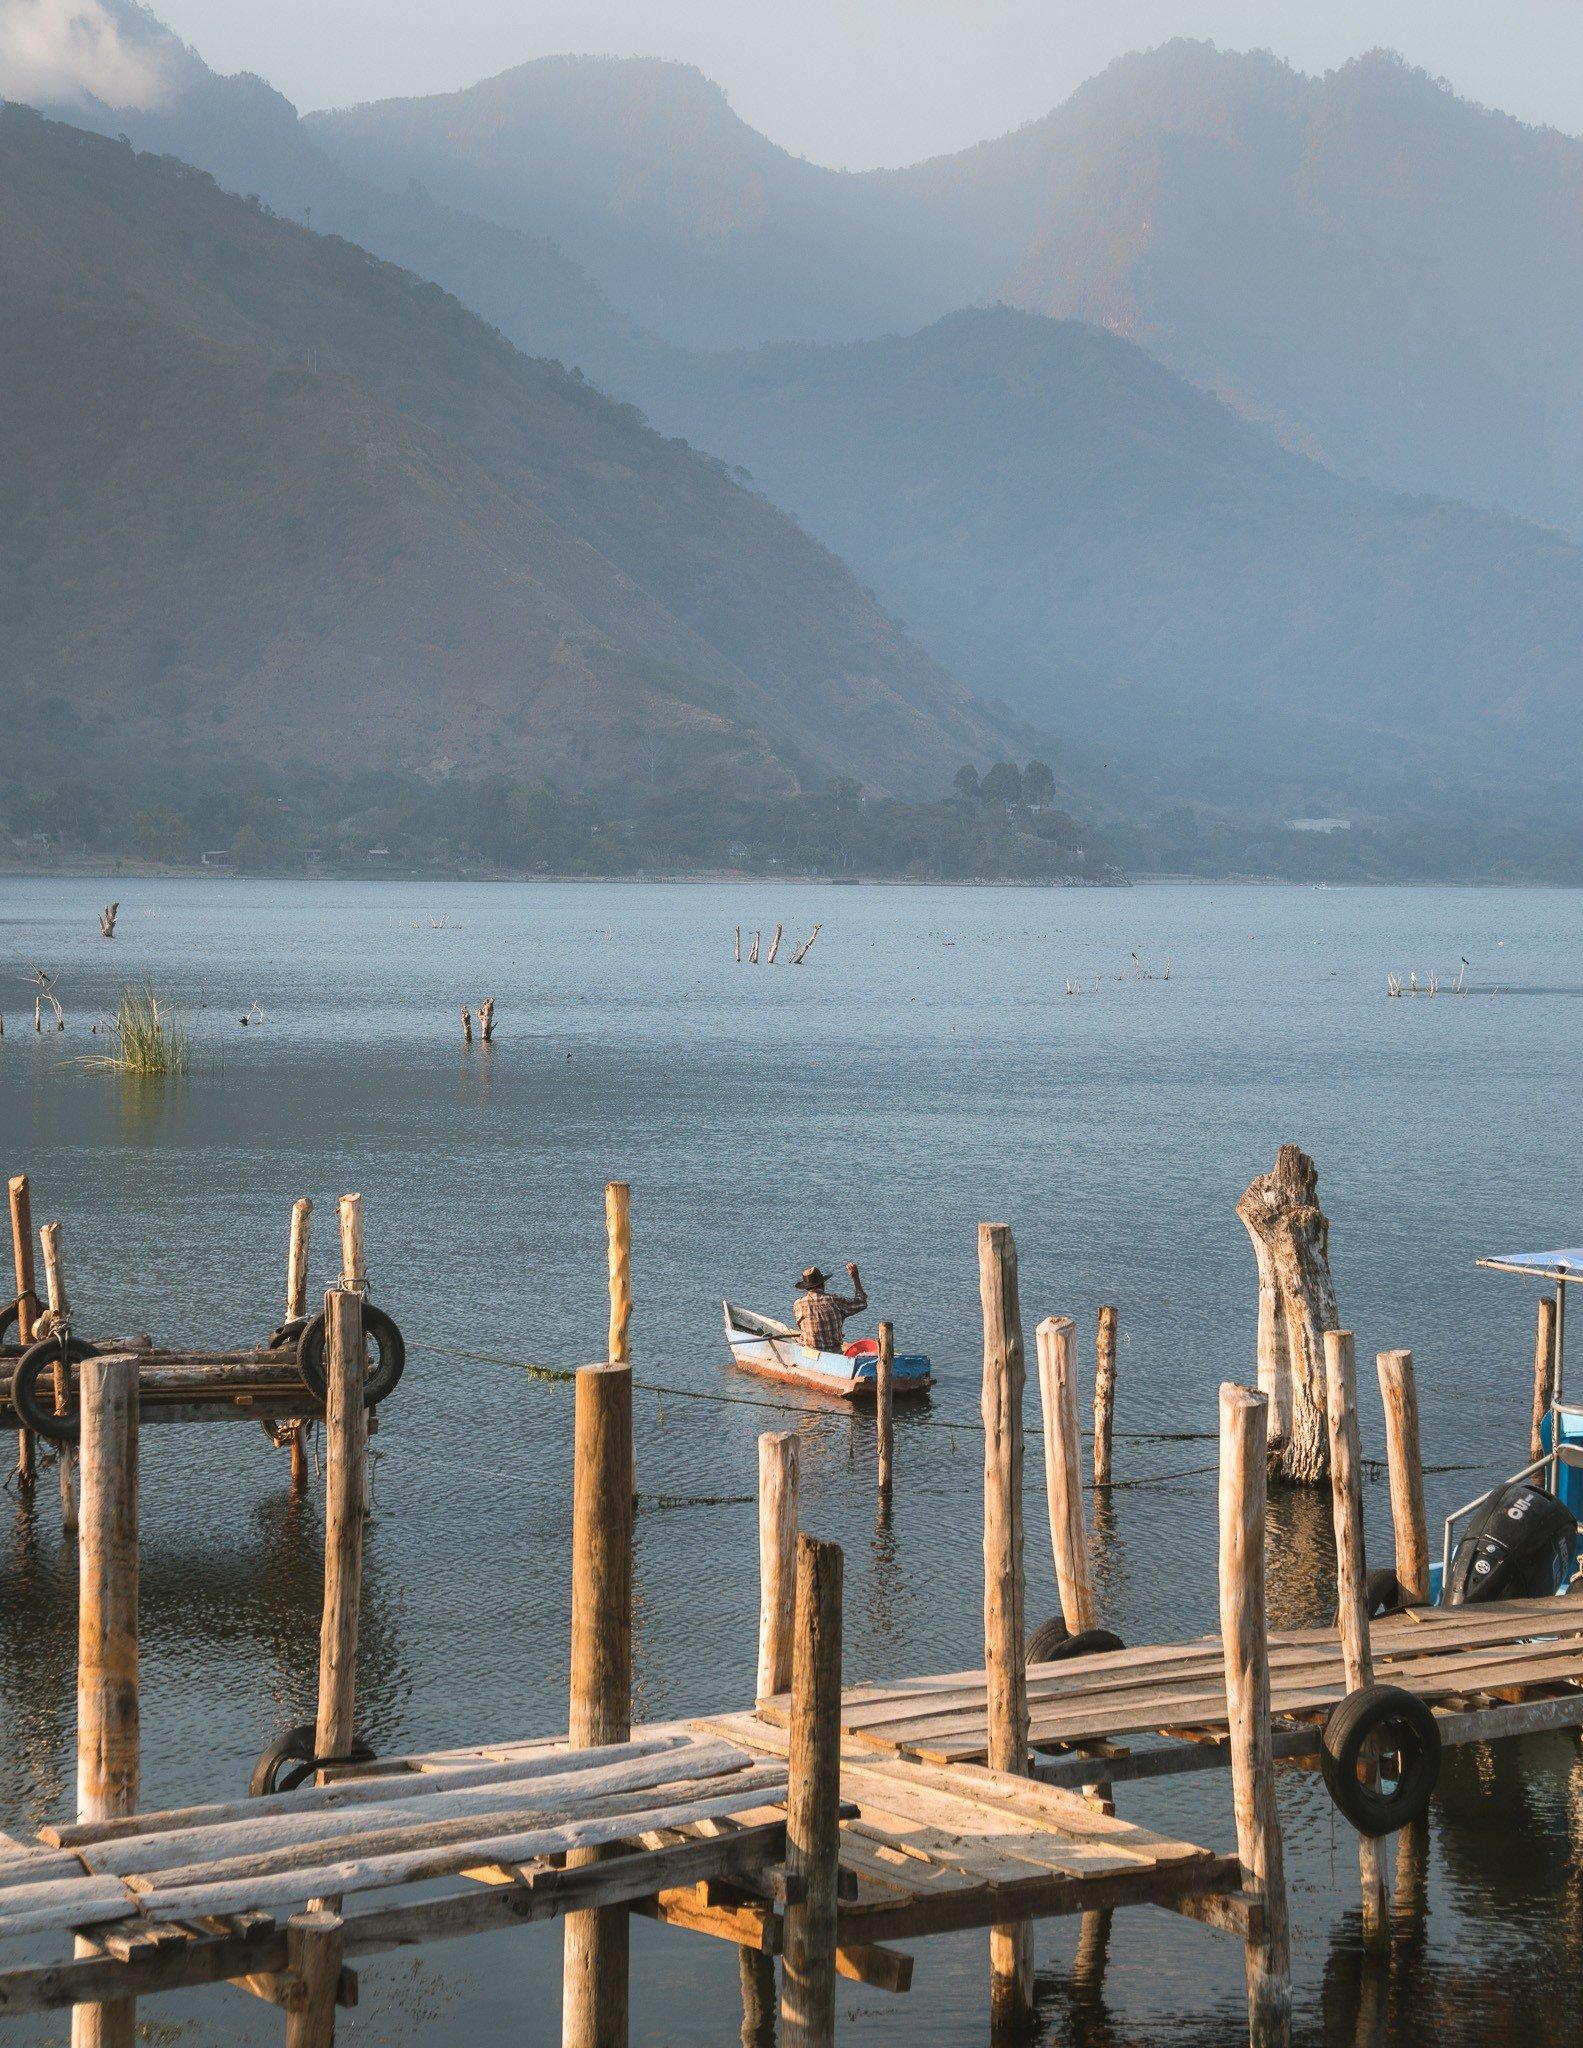 visiting Lake Atitlan in Guatemala